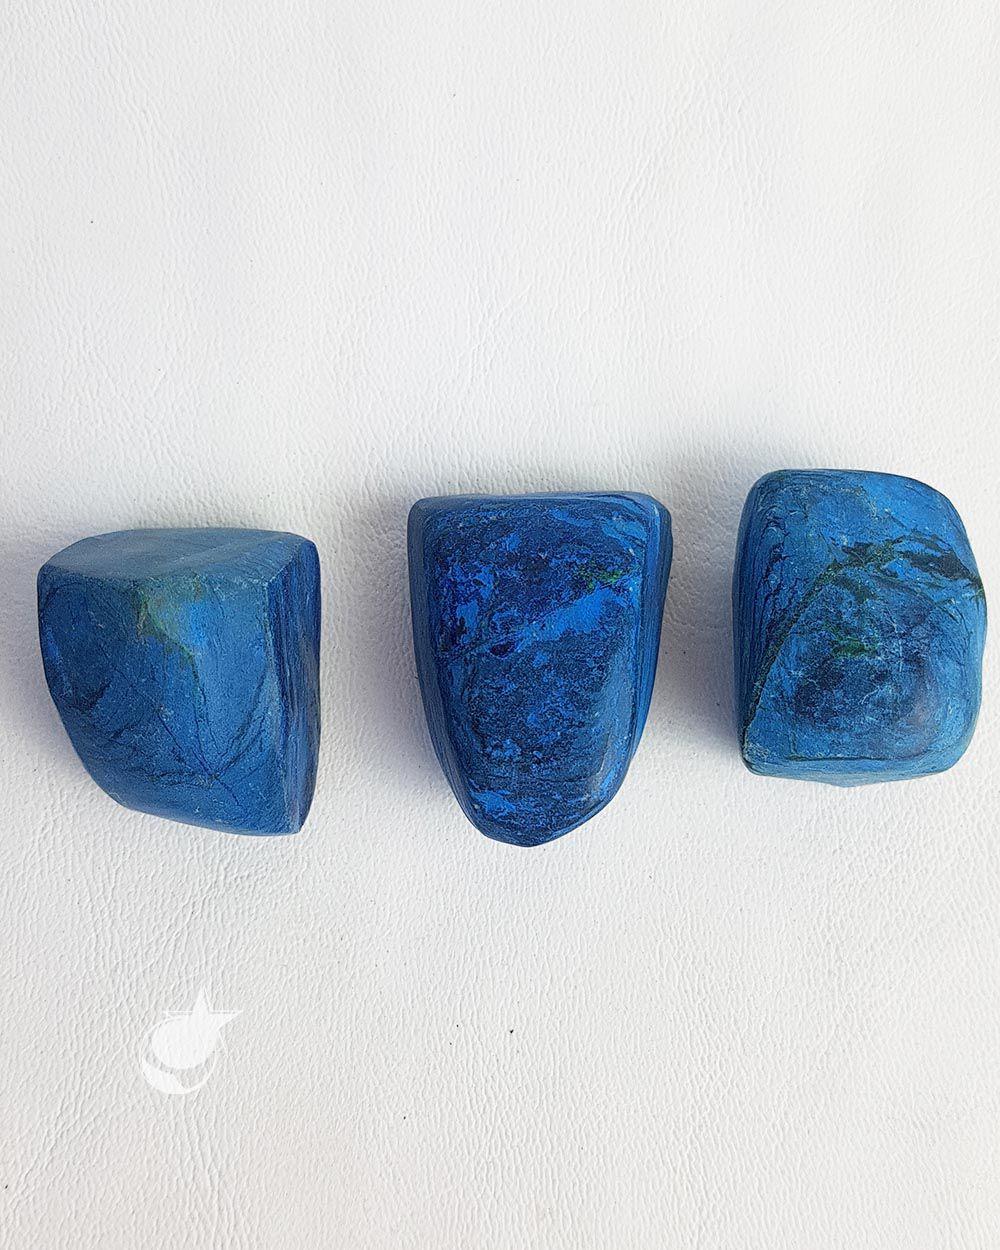 AZURITA ROLADA - UNIDADE -  2,5 a 3 cm